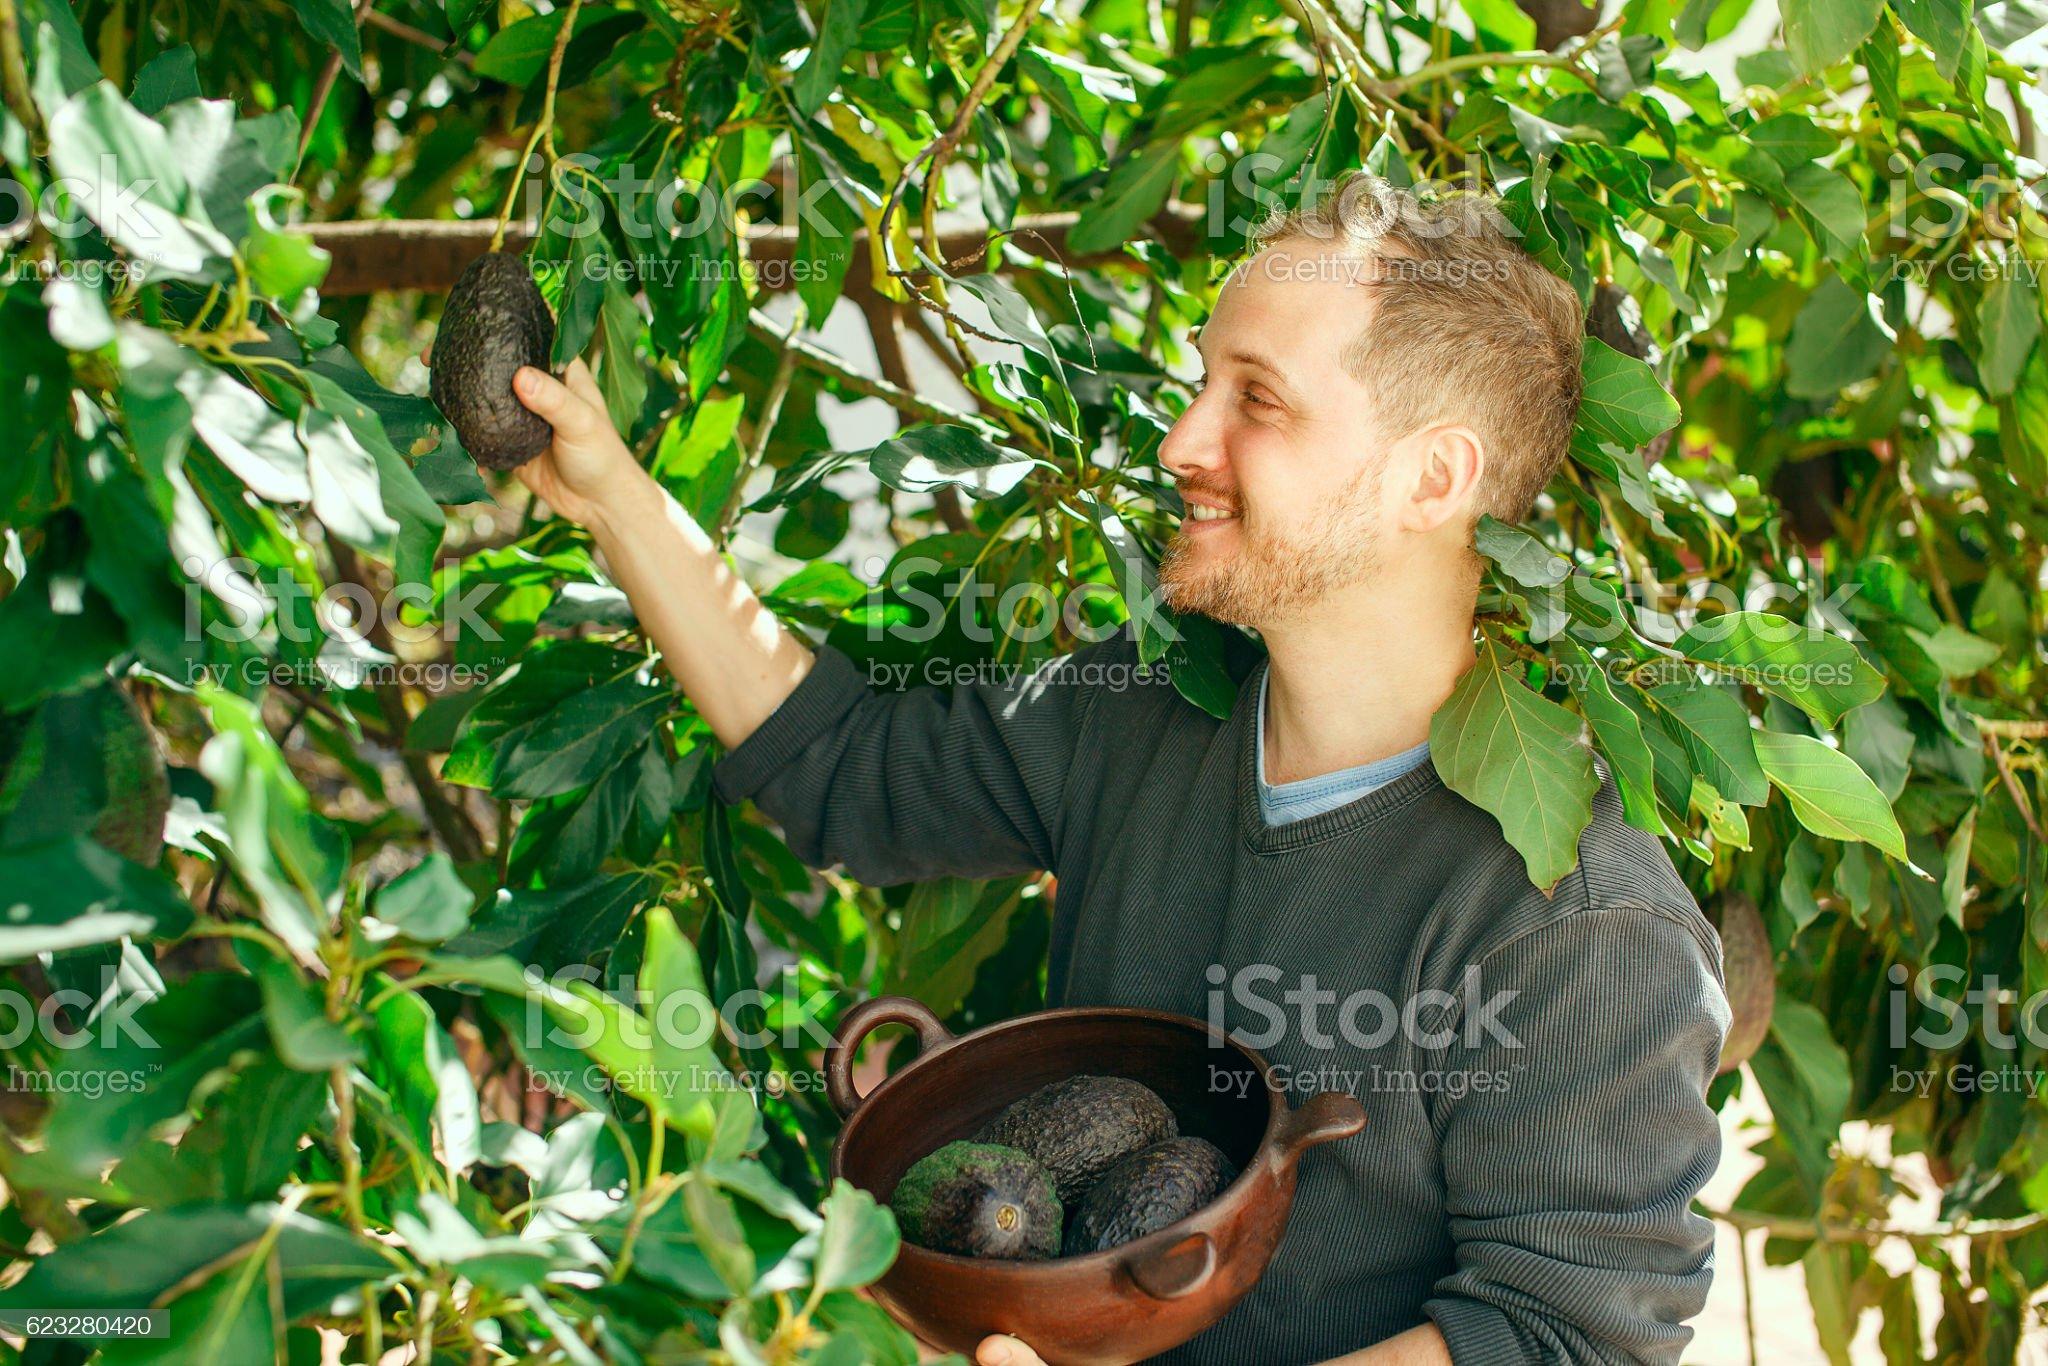 Man getting the crop of avocado - Foto de stock de Aguacate libre de derechos